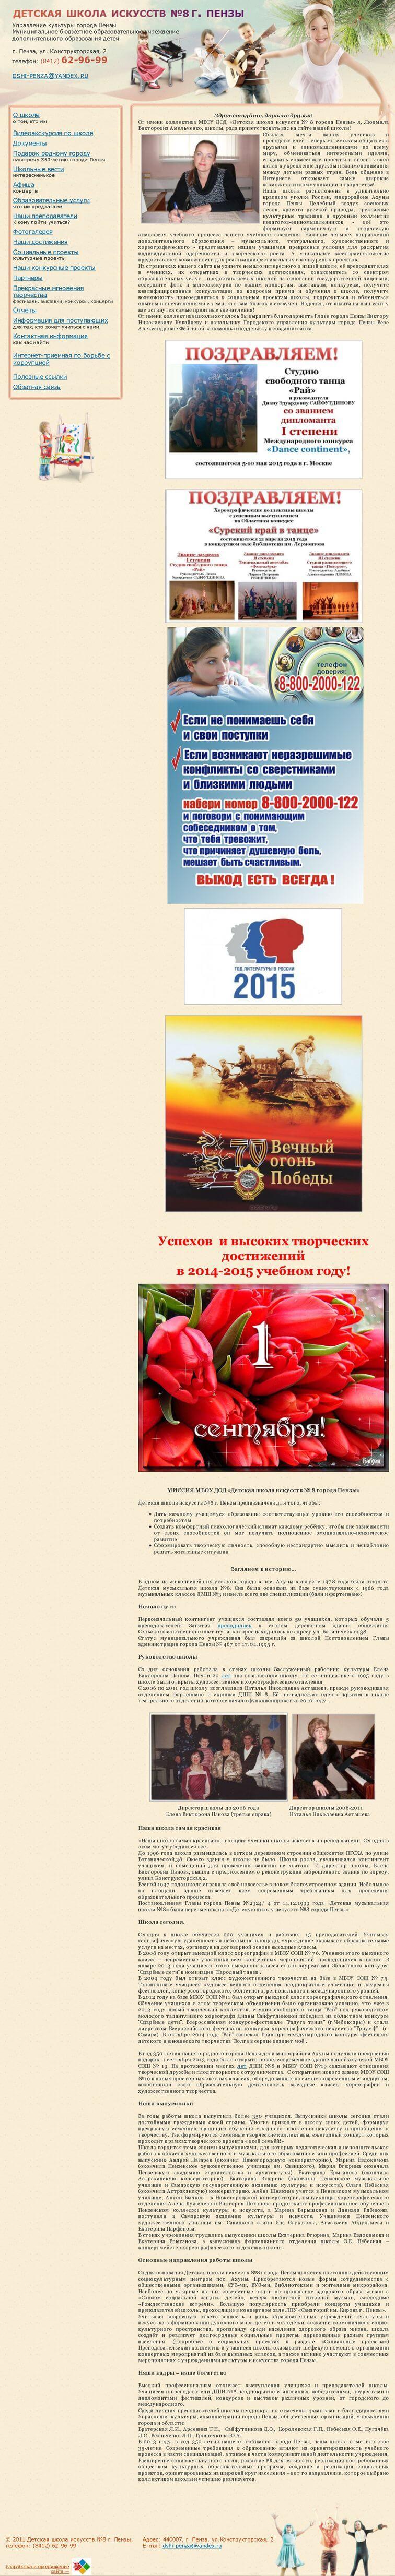 dshi-penza.ru